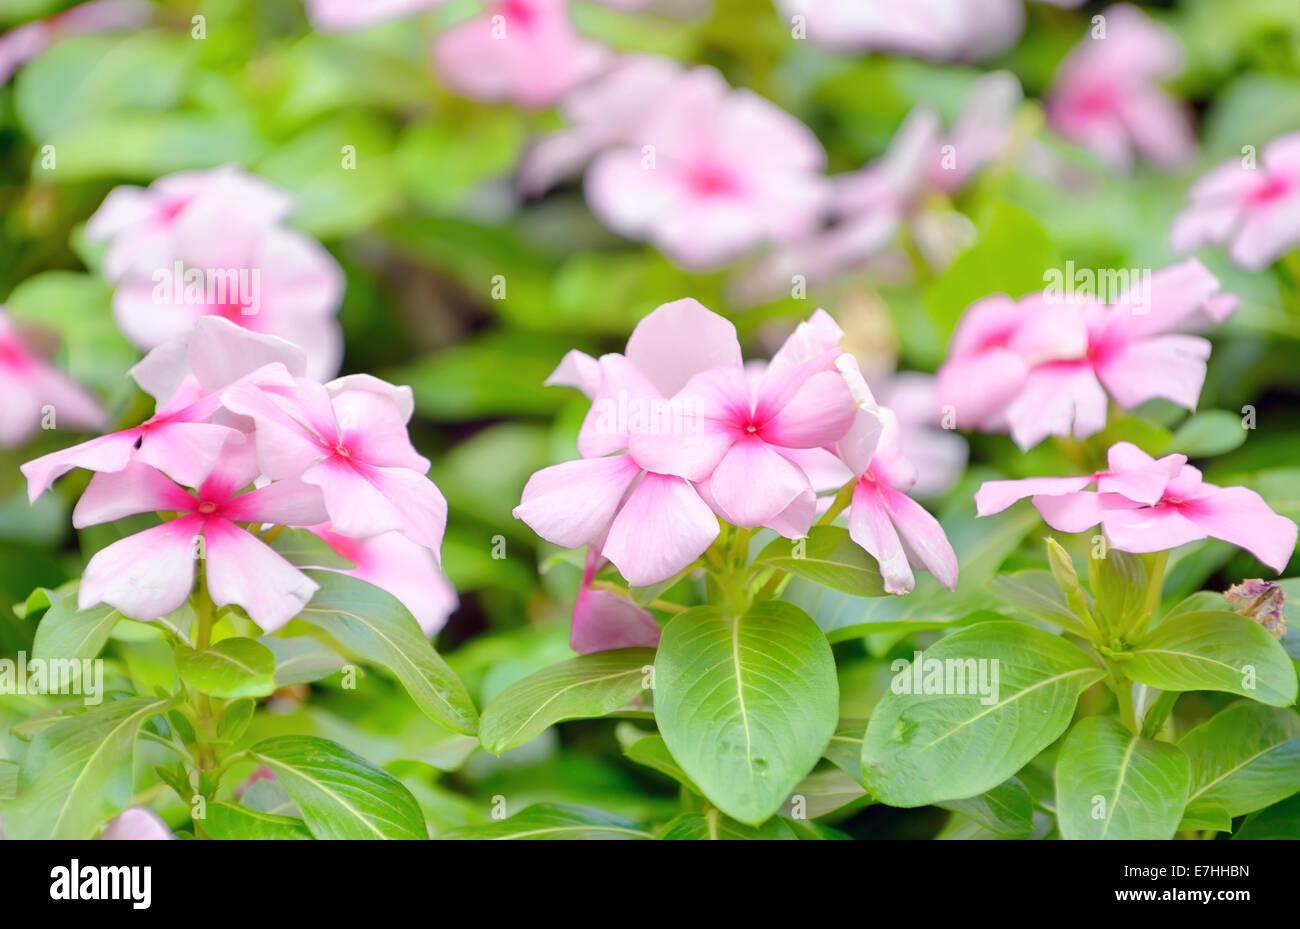 Beautiful Pink Vinca Flowers In Garden Stock Photo 73530905 Alamy